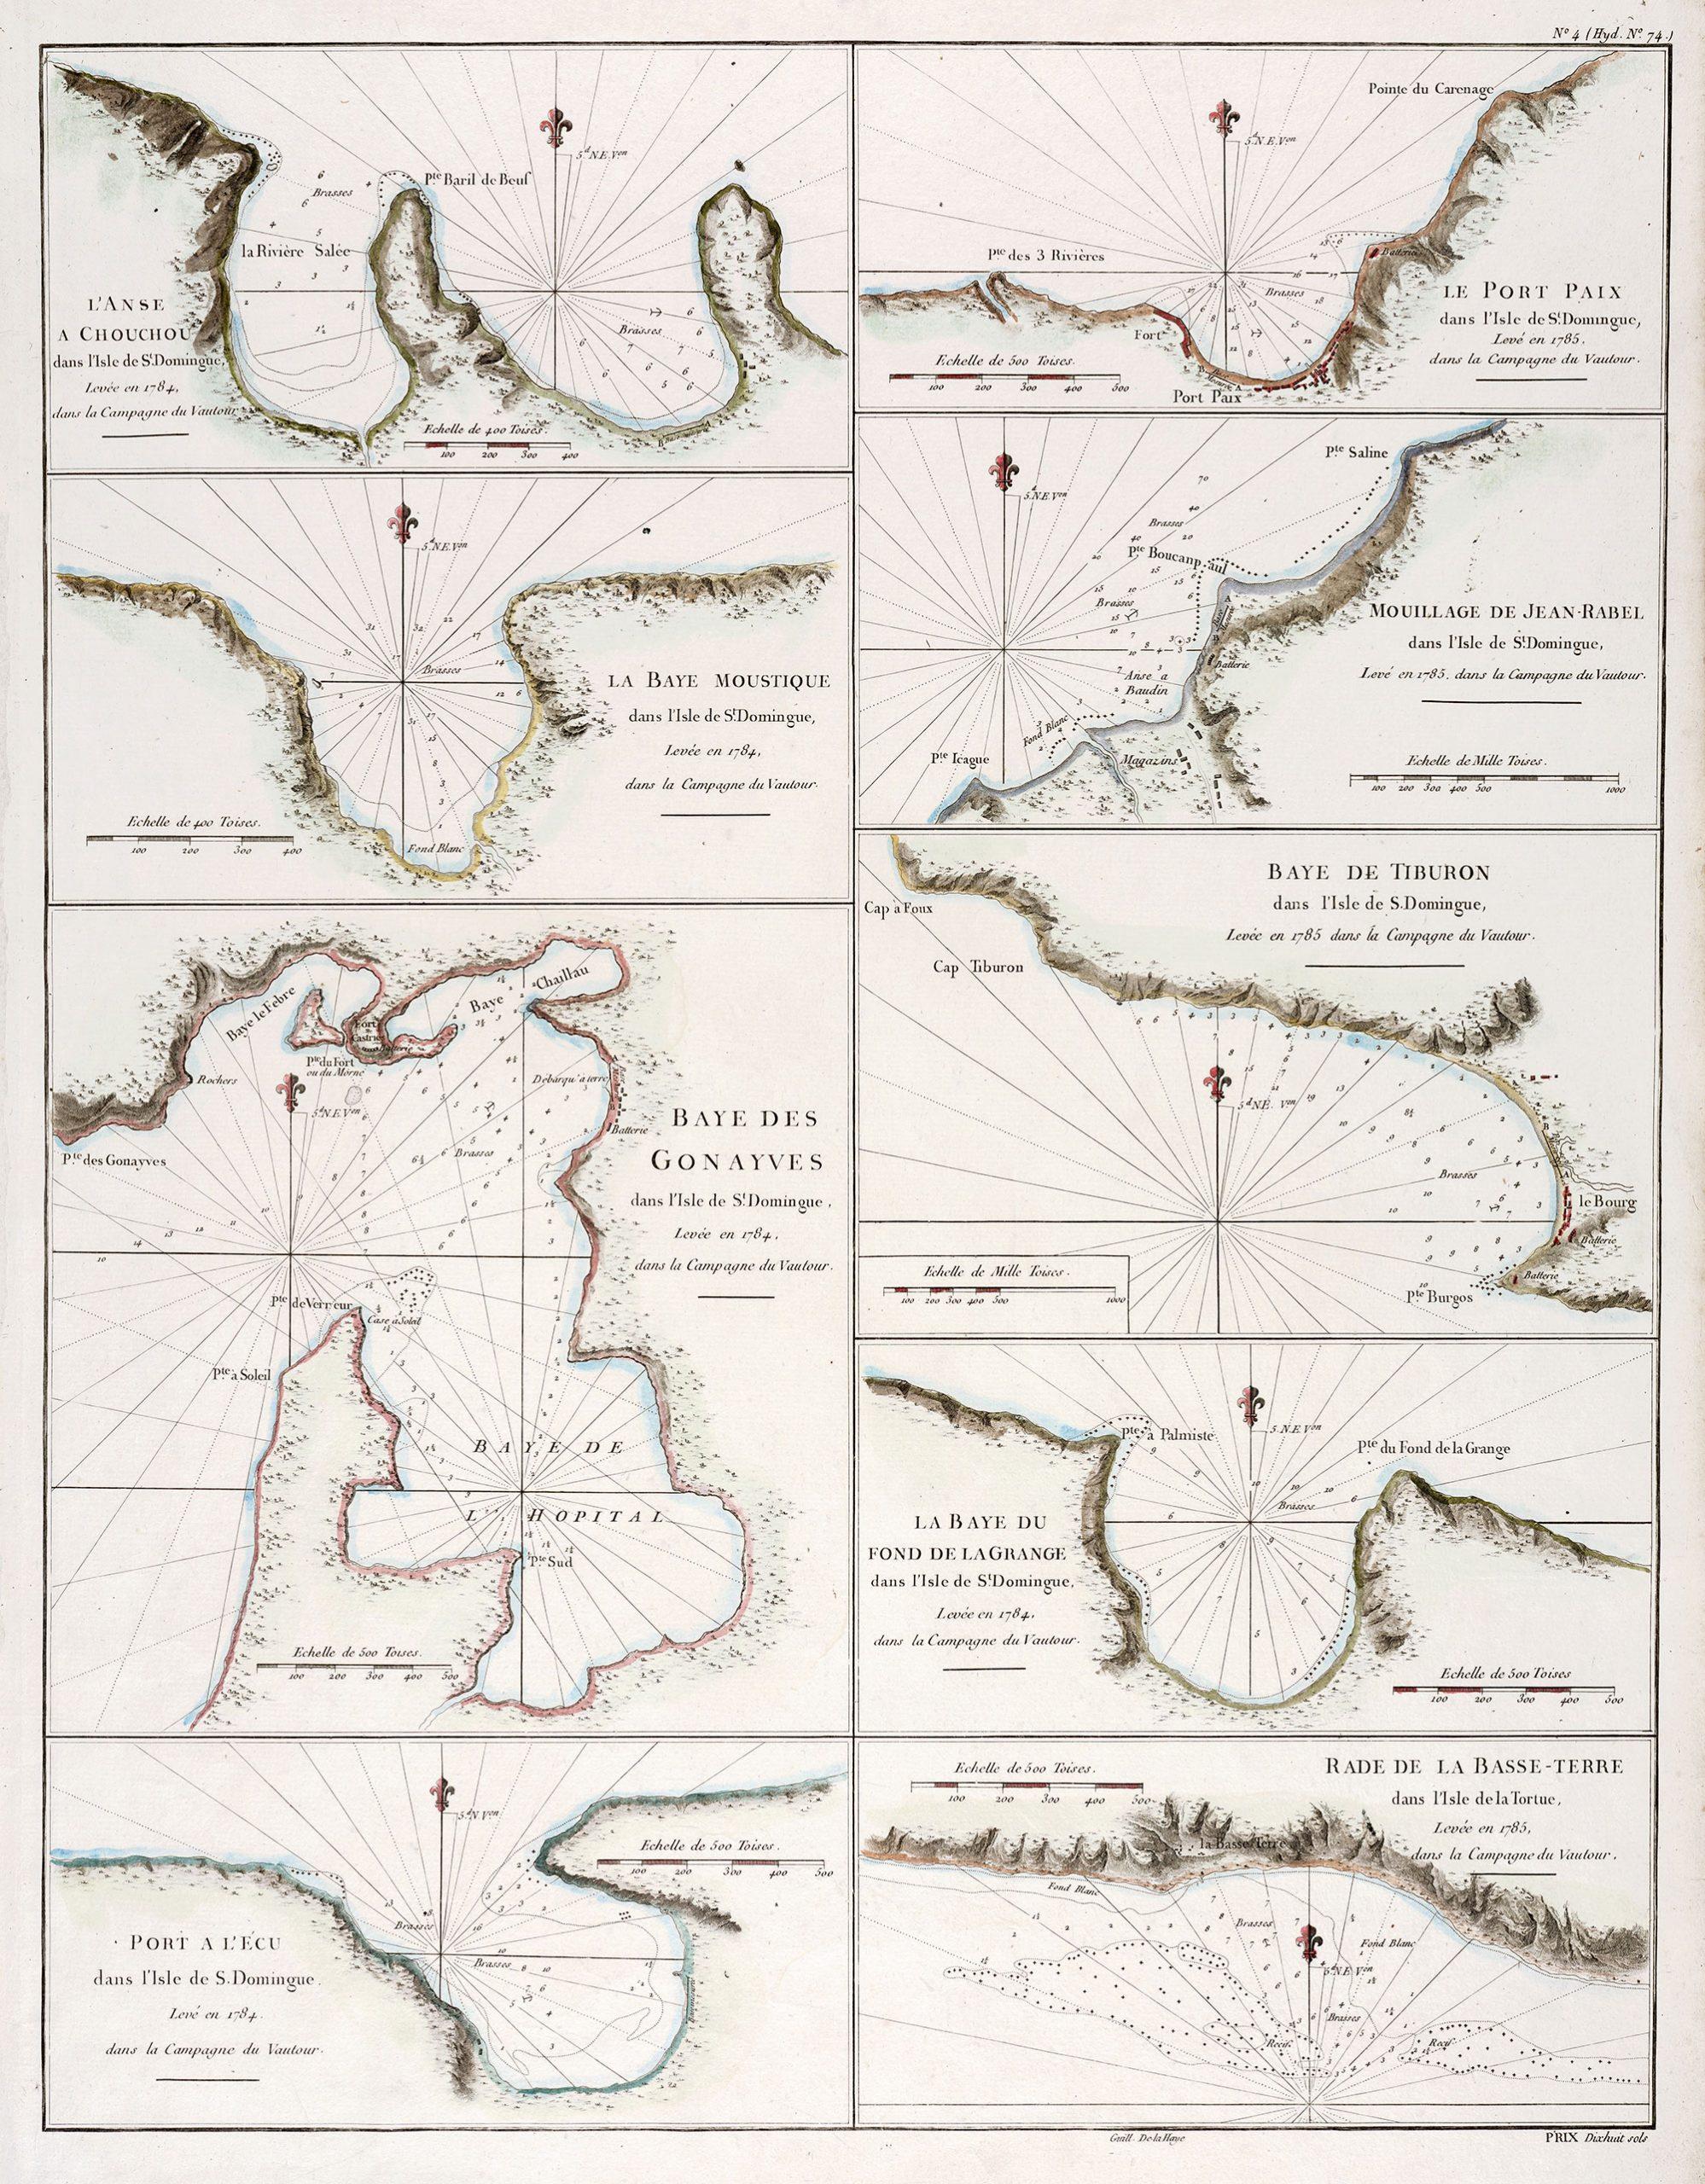 Baye des Gonayves, Port a l'Ecu de la Basse-Terre, La Baye du Fond de de la Grange, Baye de Tiburon, Mouillage de Jean Rabel, Le Port de Paix, L'anse a Couchou, La Baye Moustique